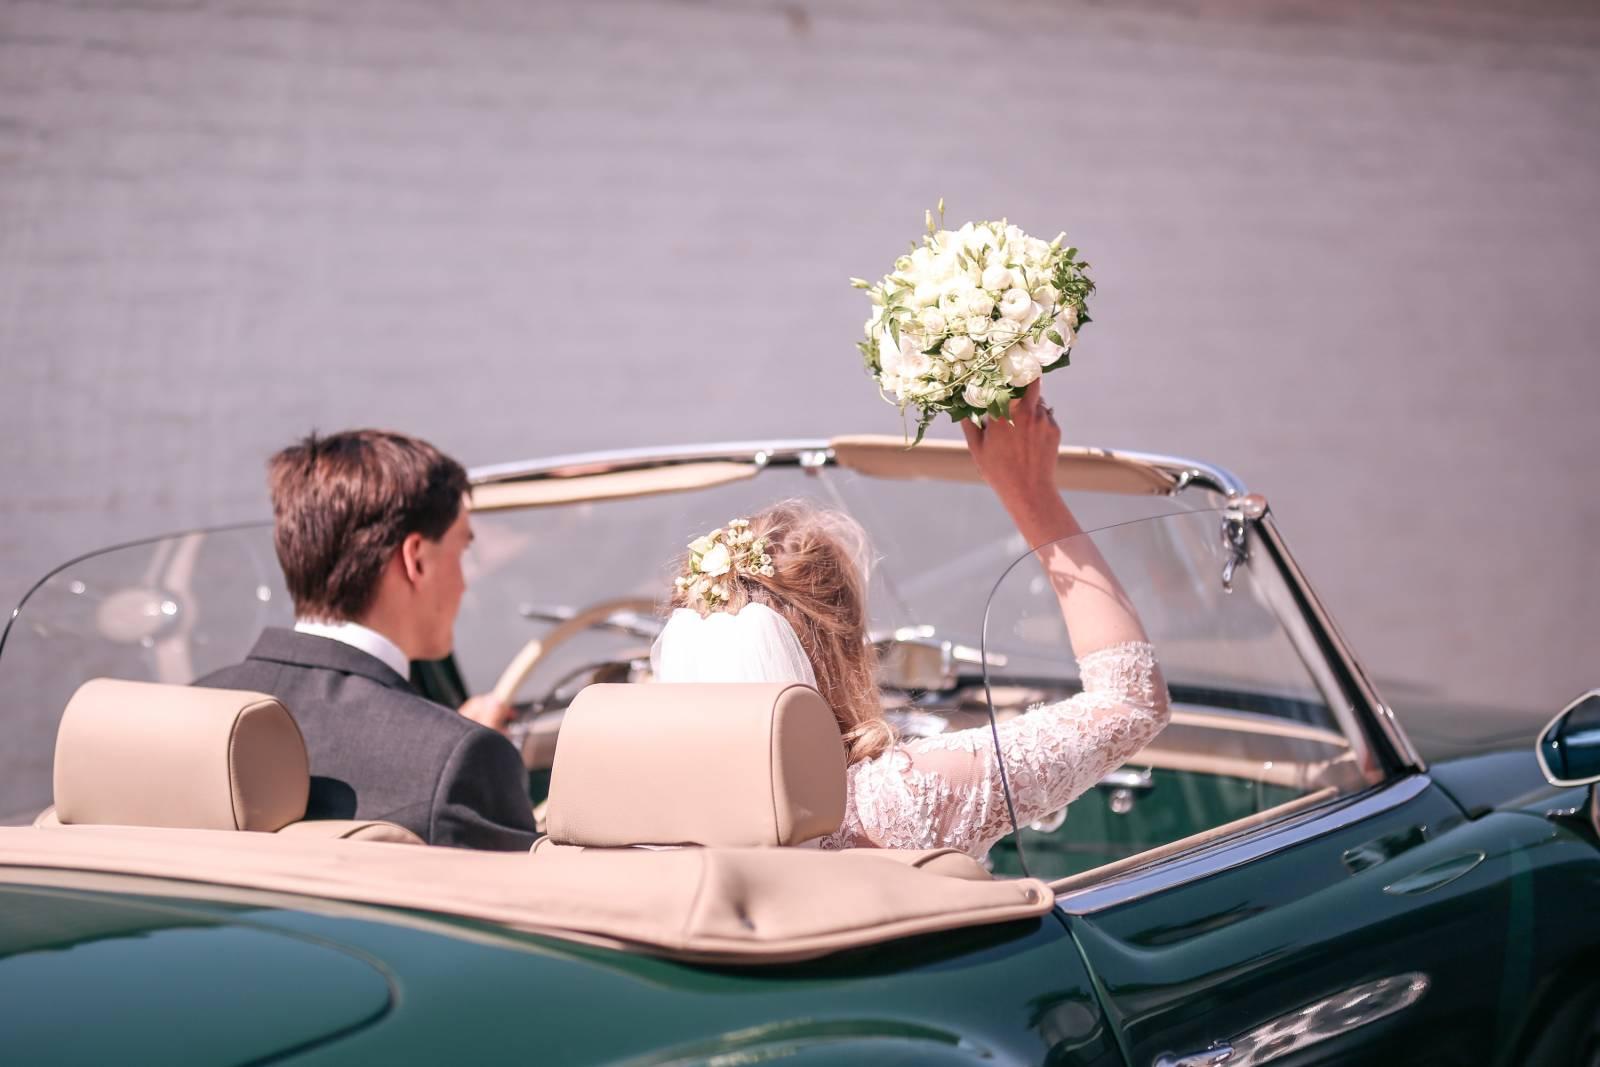 Annick Van Wesemael Bloemen Huwelijk Oost-Vlaanderen - Charlotte the Eclectics - House of Weddings (2)